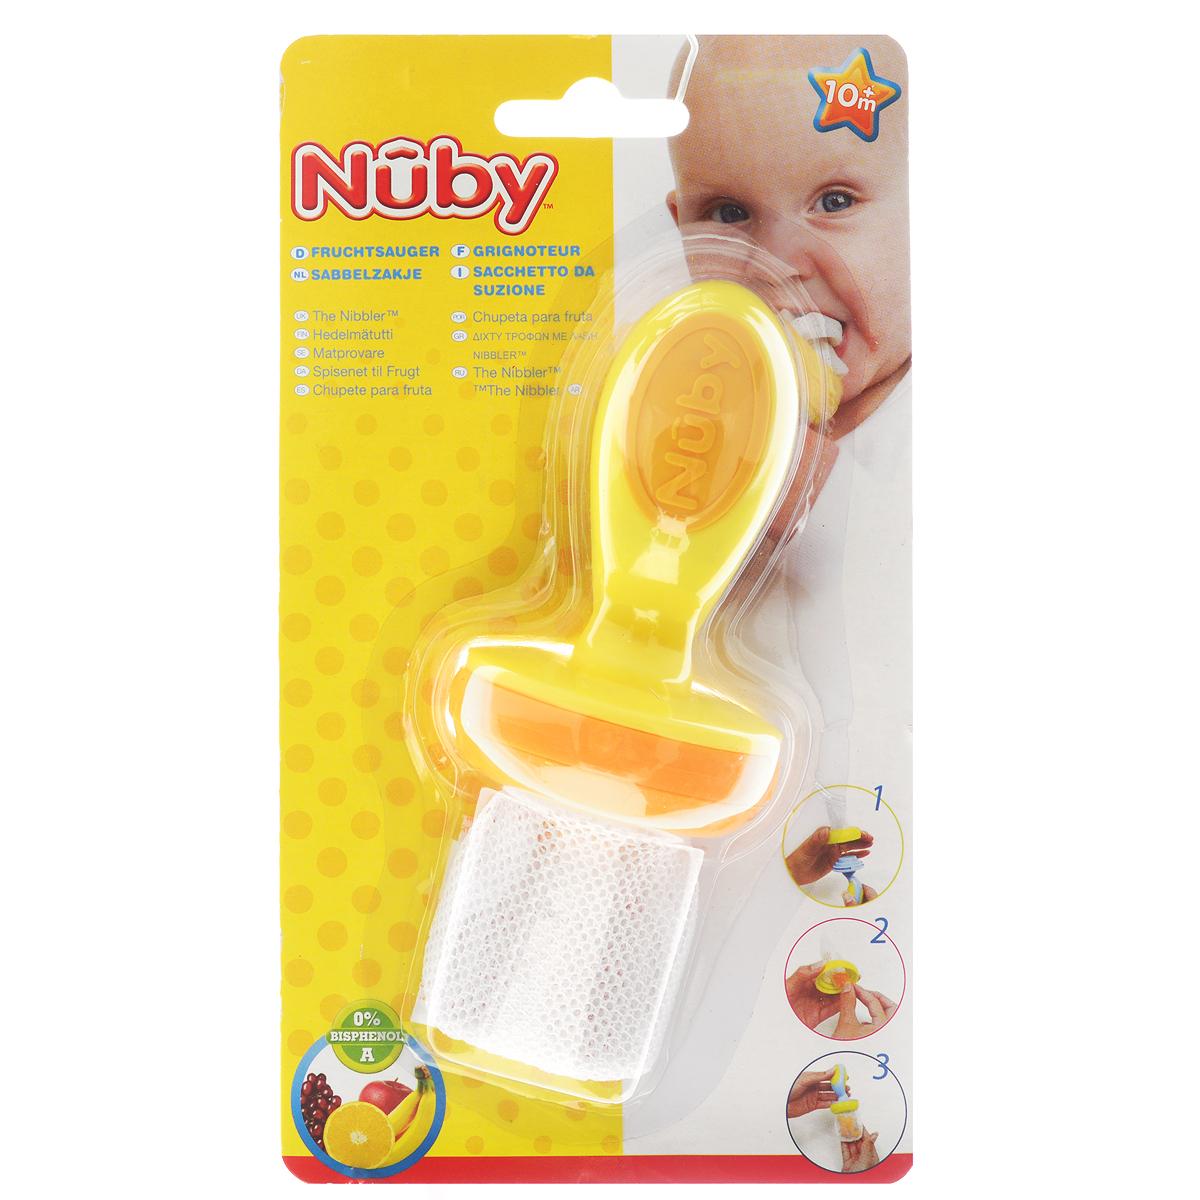 """Ниблер """"Nuby"""" создан специально для безопасного кормления фруктами и овощами, соответствующими возрасту ребенка. Ваш малыш будет наслаждаться натуральным вкусом, структурой и высоким качеством свежих продуктов безопасно, без риска удушья - а вы получите душевное спокойствие! Кроме того, ниблер оснащен надежной системой запирания. Благодаря простой конструкции сеточки этот удобный при прорезывании зубов прибор позволяет младенцам грызть продукты самостоятельно и безопасно. Достаточно просто поместить кусочек фруктов, овощей или даже мяса в сетчатый мешочек и закрыть его. Ребенок может жевать, грызть и сосать продукт: через сеточку проходят только очень маленькие частички, что снижает риск подавиться. Благодаря ручке ребенку легко его держать и делать первые шаги к самостоятельному питанию. Также ниблер служит альтернативой прорезывателям для зубов. Можно мыть в посудомоечной машине на верхней полке. Не использовать в СВЧ, не кипятить и не подвергать..."""